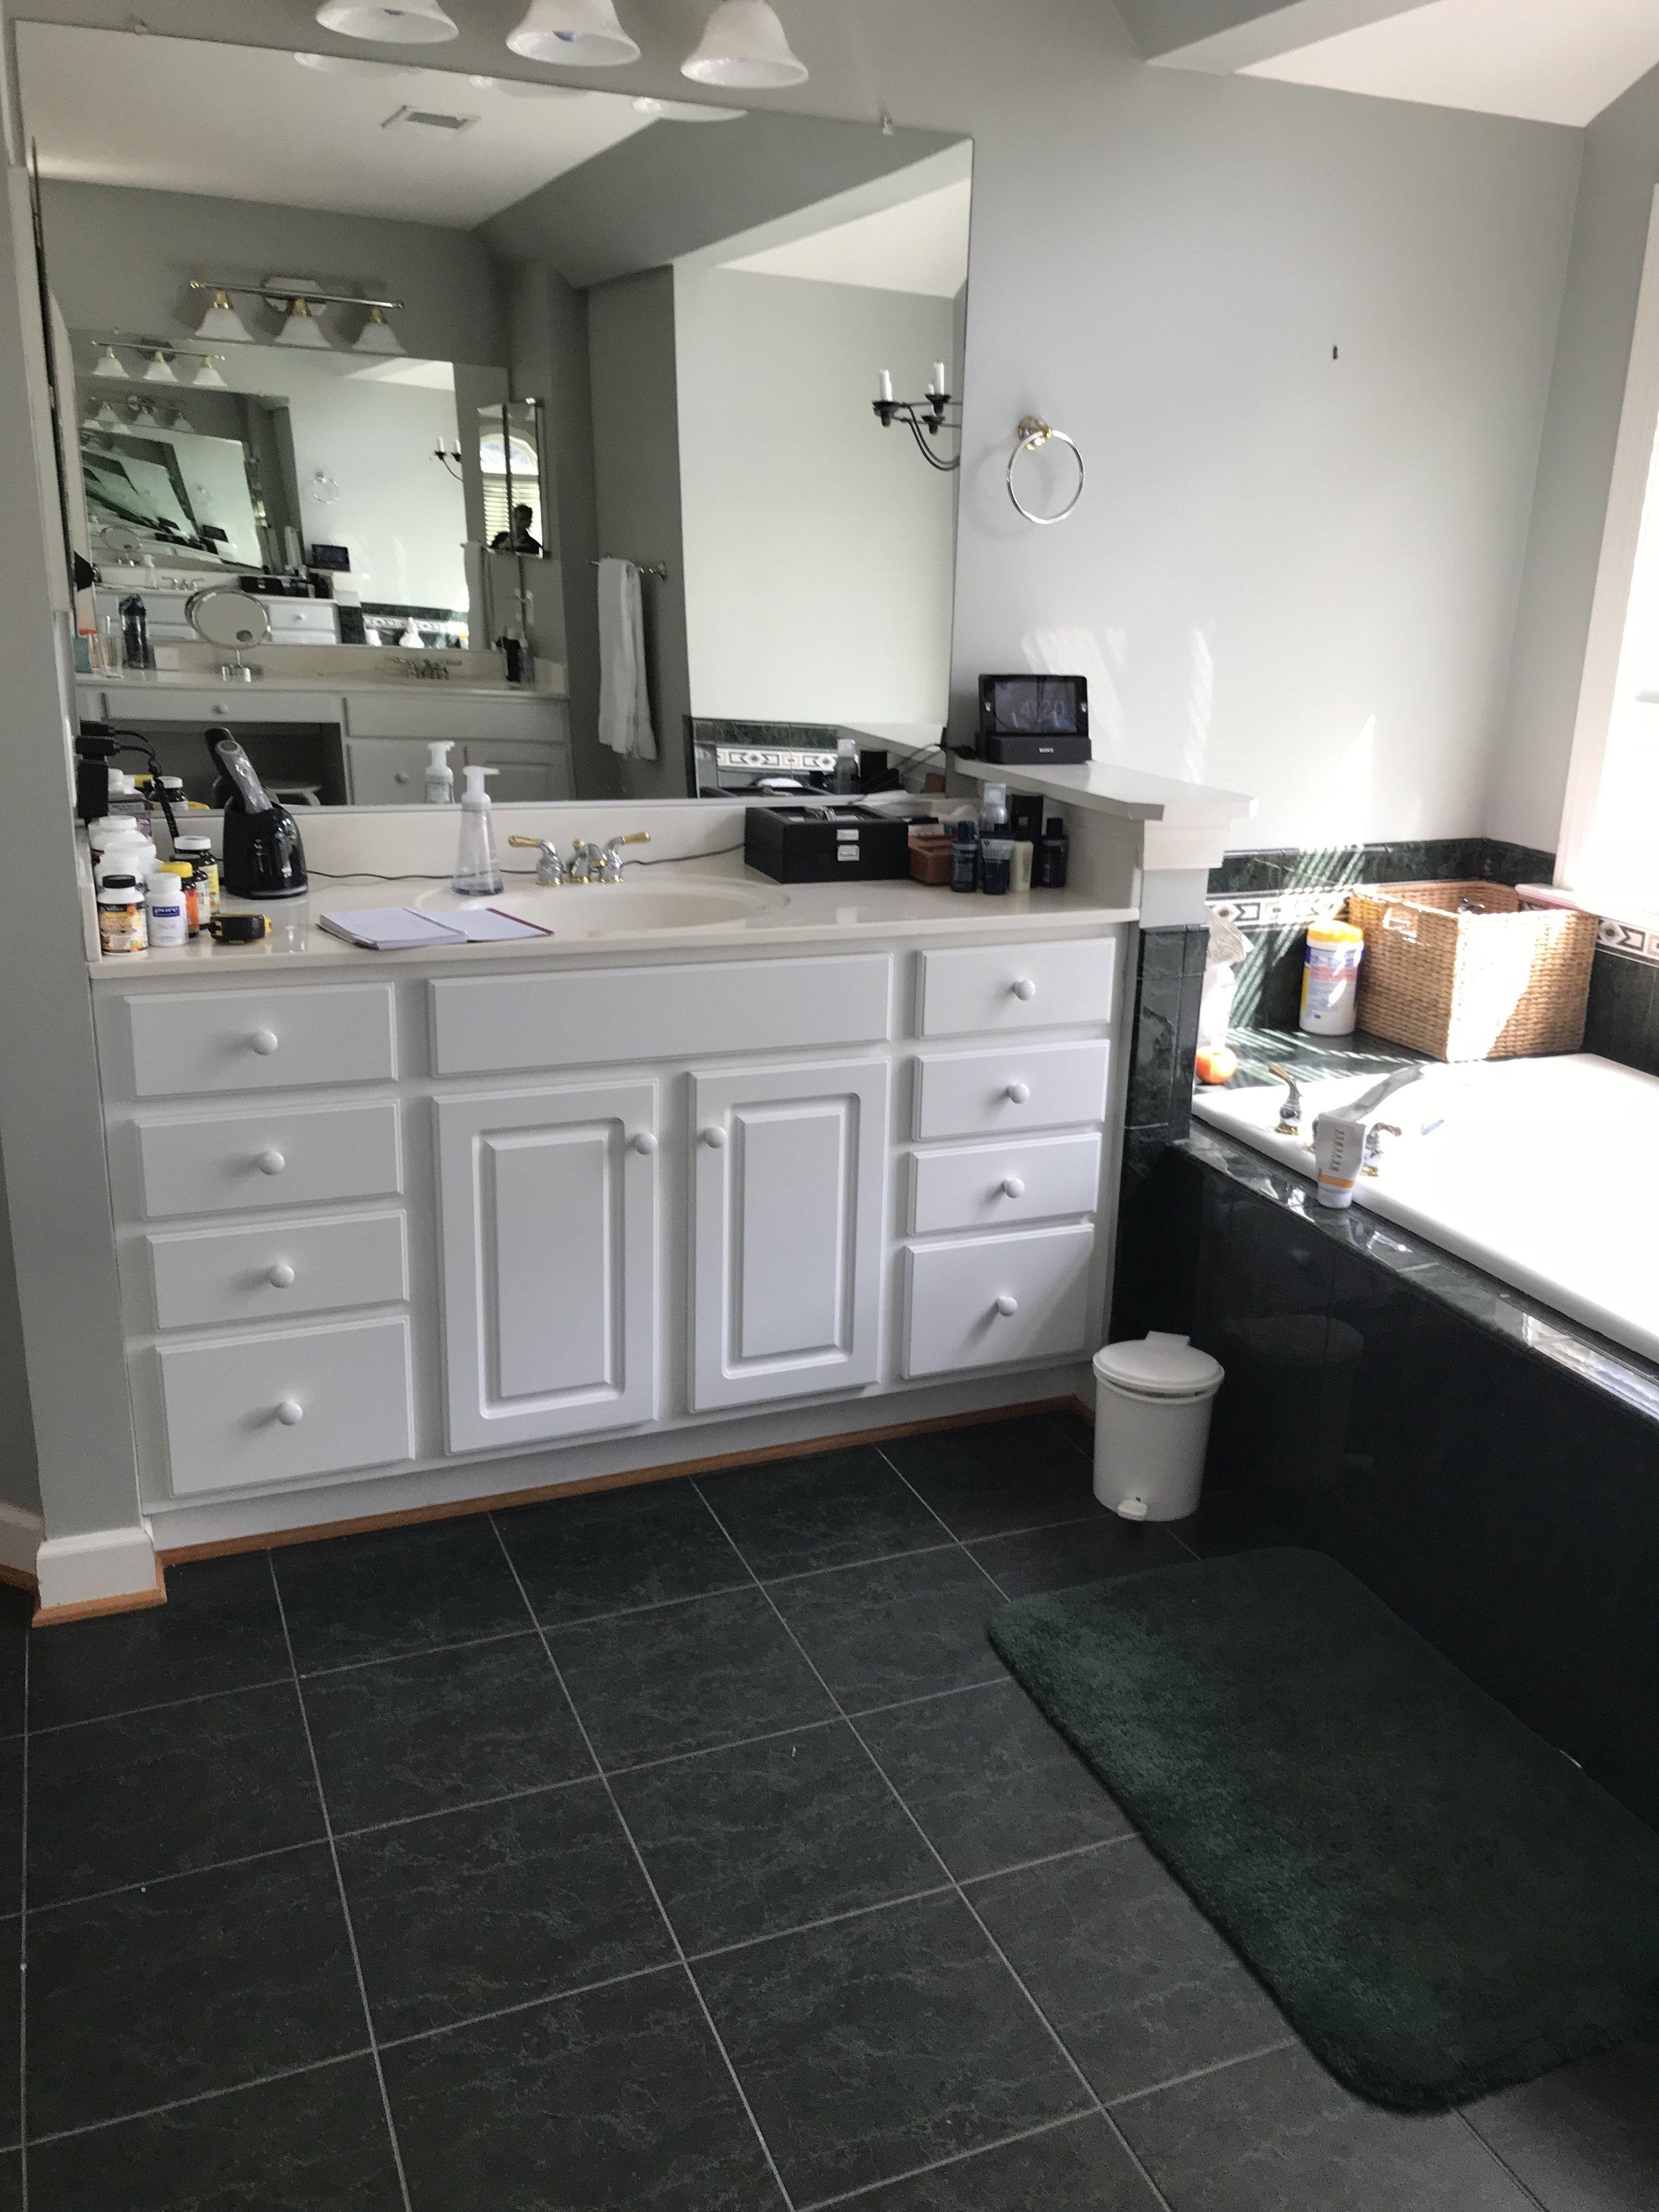 Bell_Bathroom_Before_1.jpg